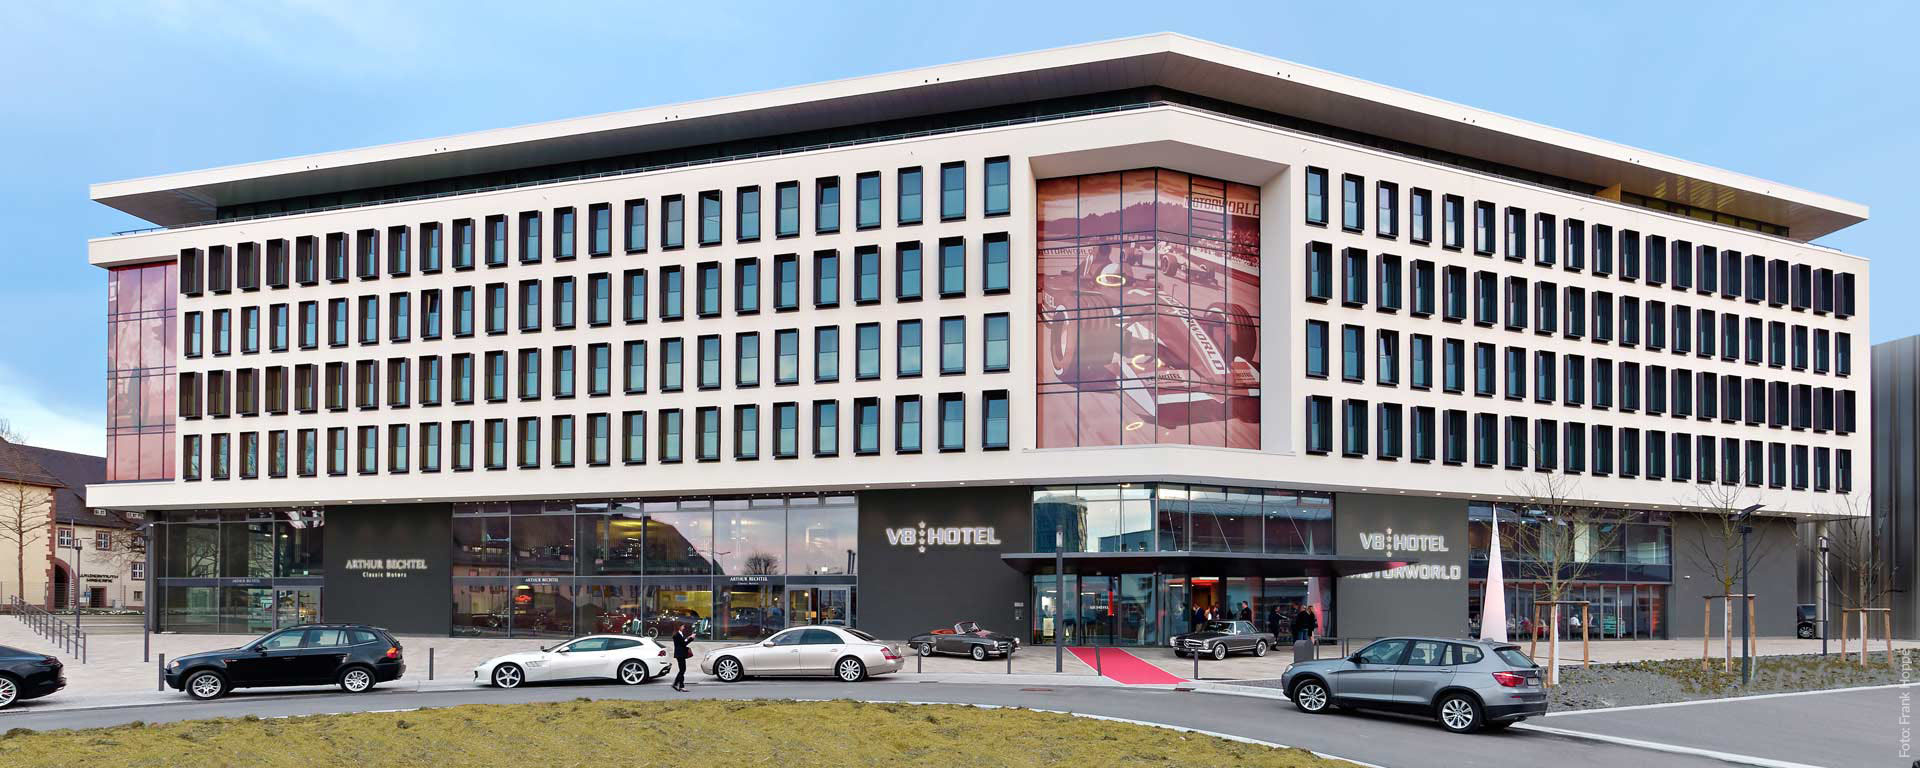 Buchen Sie Ihre Unterkunft, Übernachtung, Zimmer, B&B, Bed and Breakfast Direkt im V8 HOTEL Böblingen/ Sindelfingen (BB), Region Stuttgart.